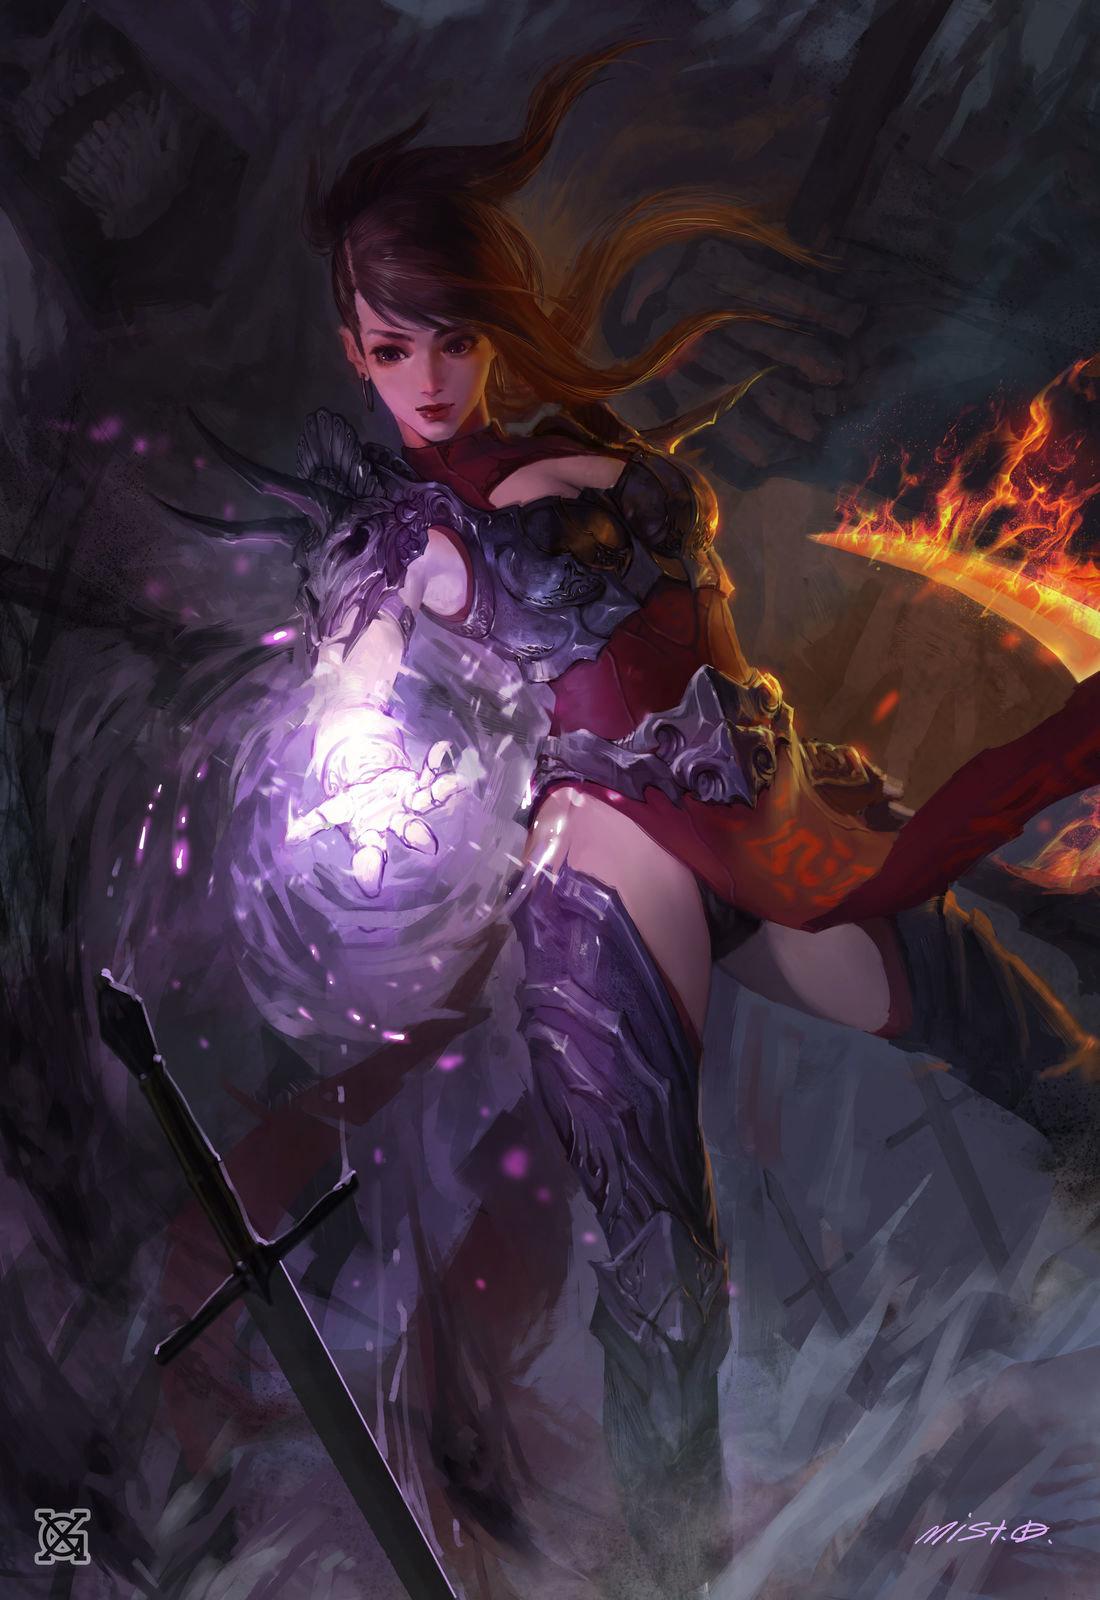 Badass Anime Girl Wallpaper Artstation Death Girl Mist Xg